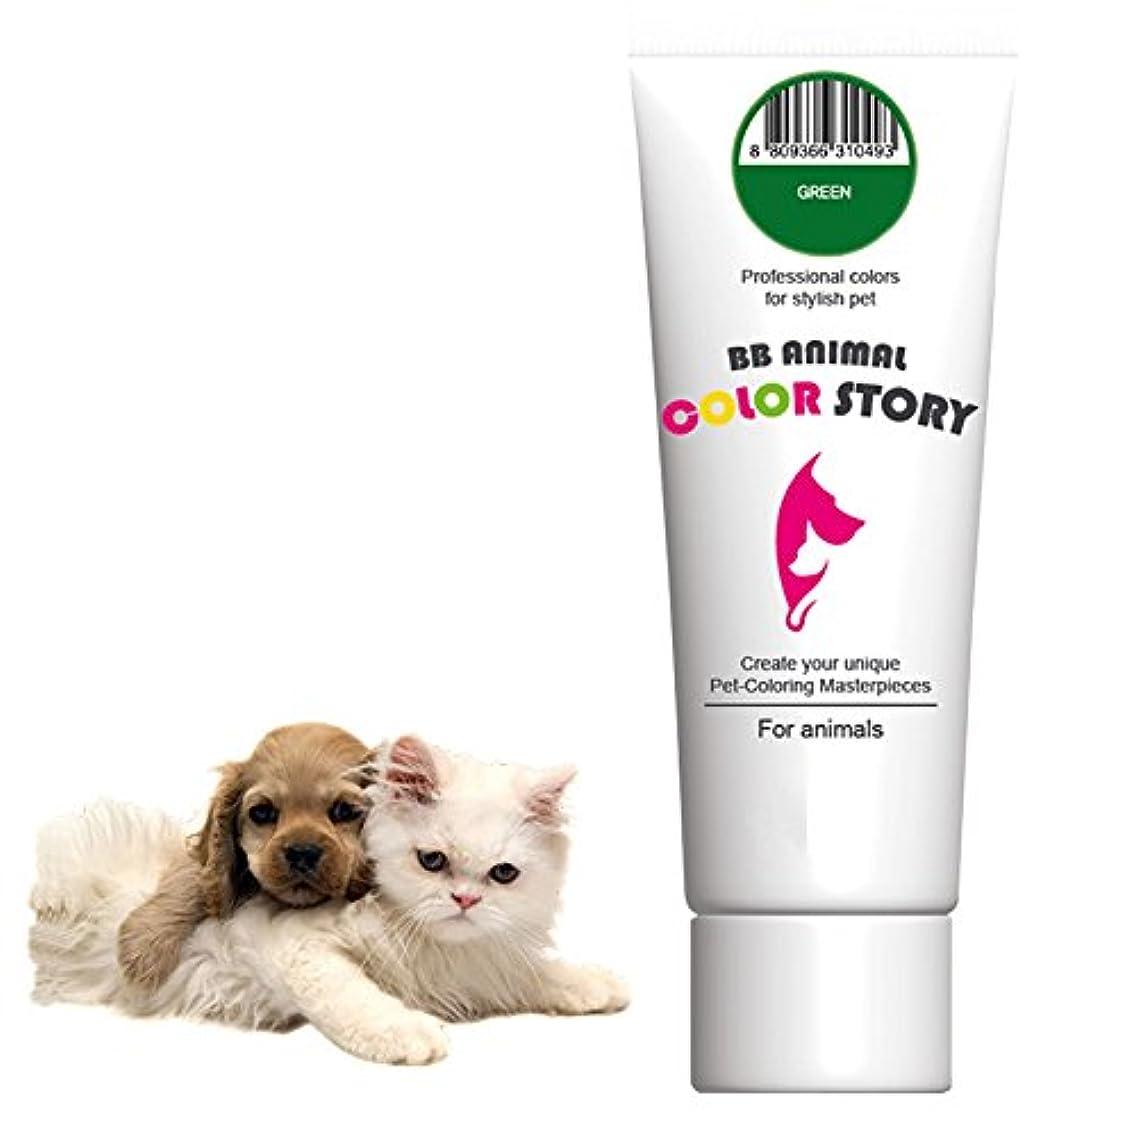 囚人衣装解釈的毛染め, 犬ヘアダイ, Green, カラーリング Dog Hair Dye Hair Coloring Hair Bleach Professional Colors for Stylish Pet 50ml 並行輸入